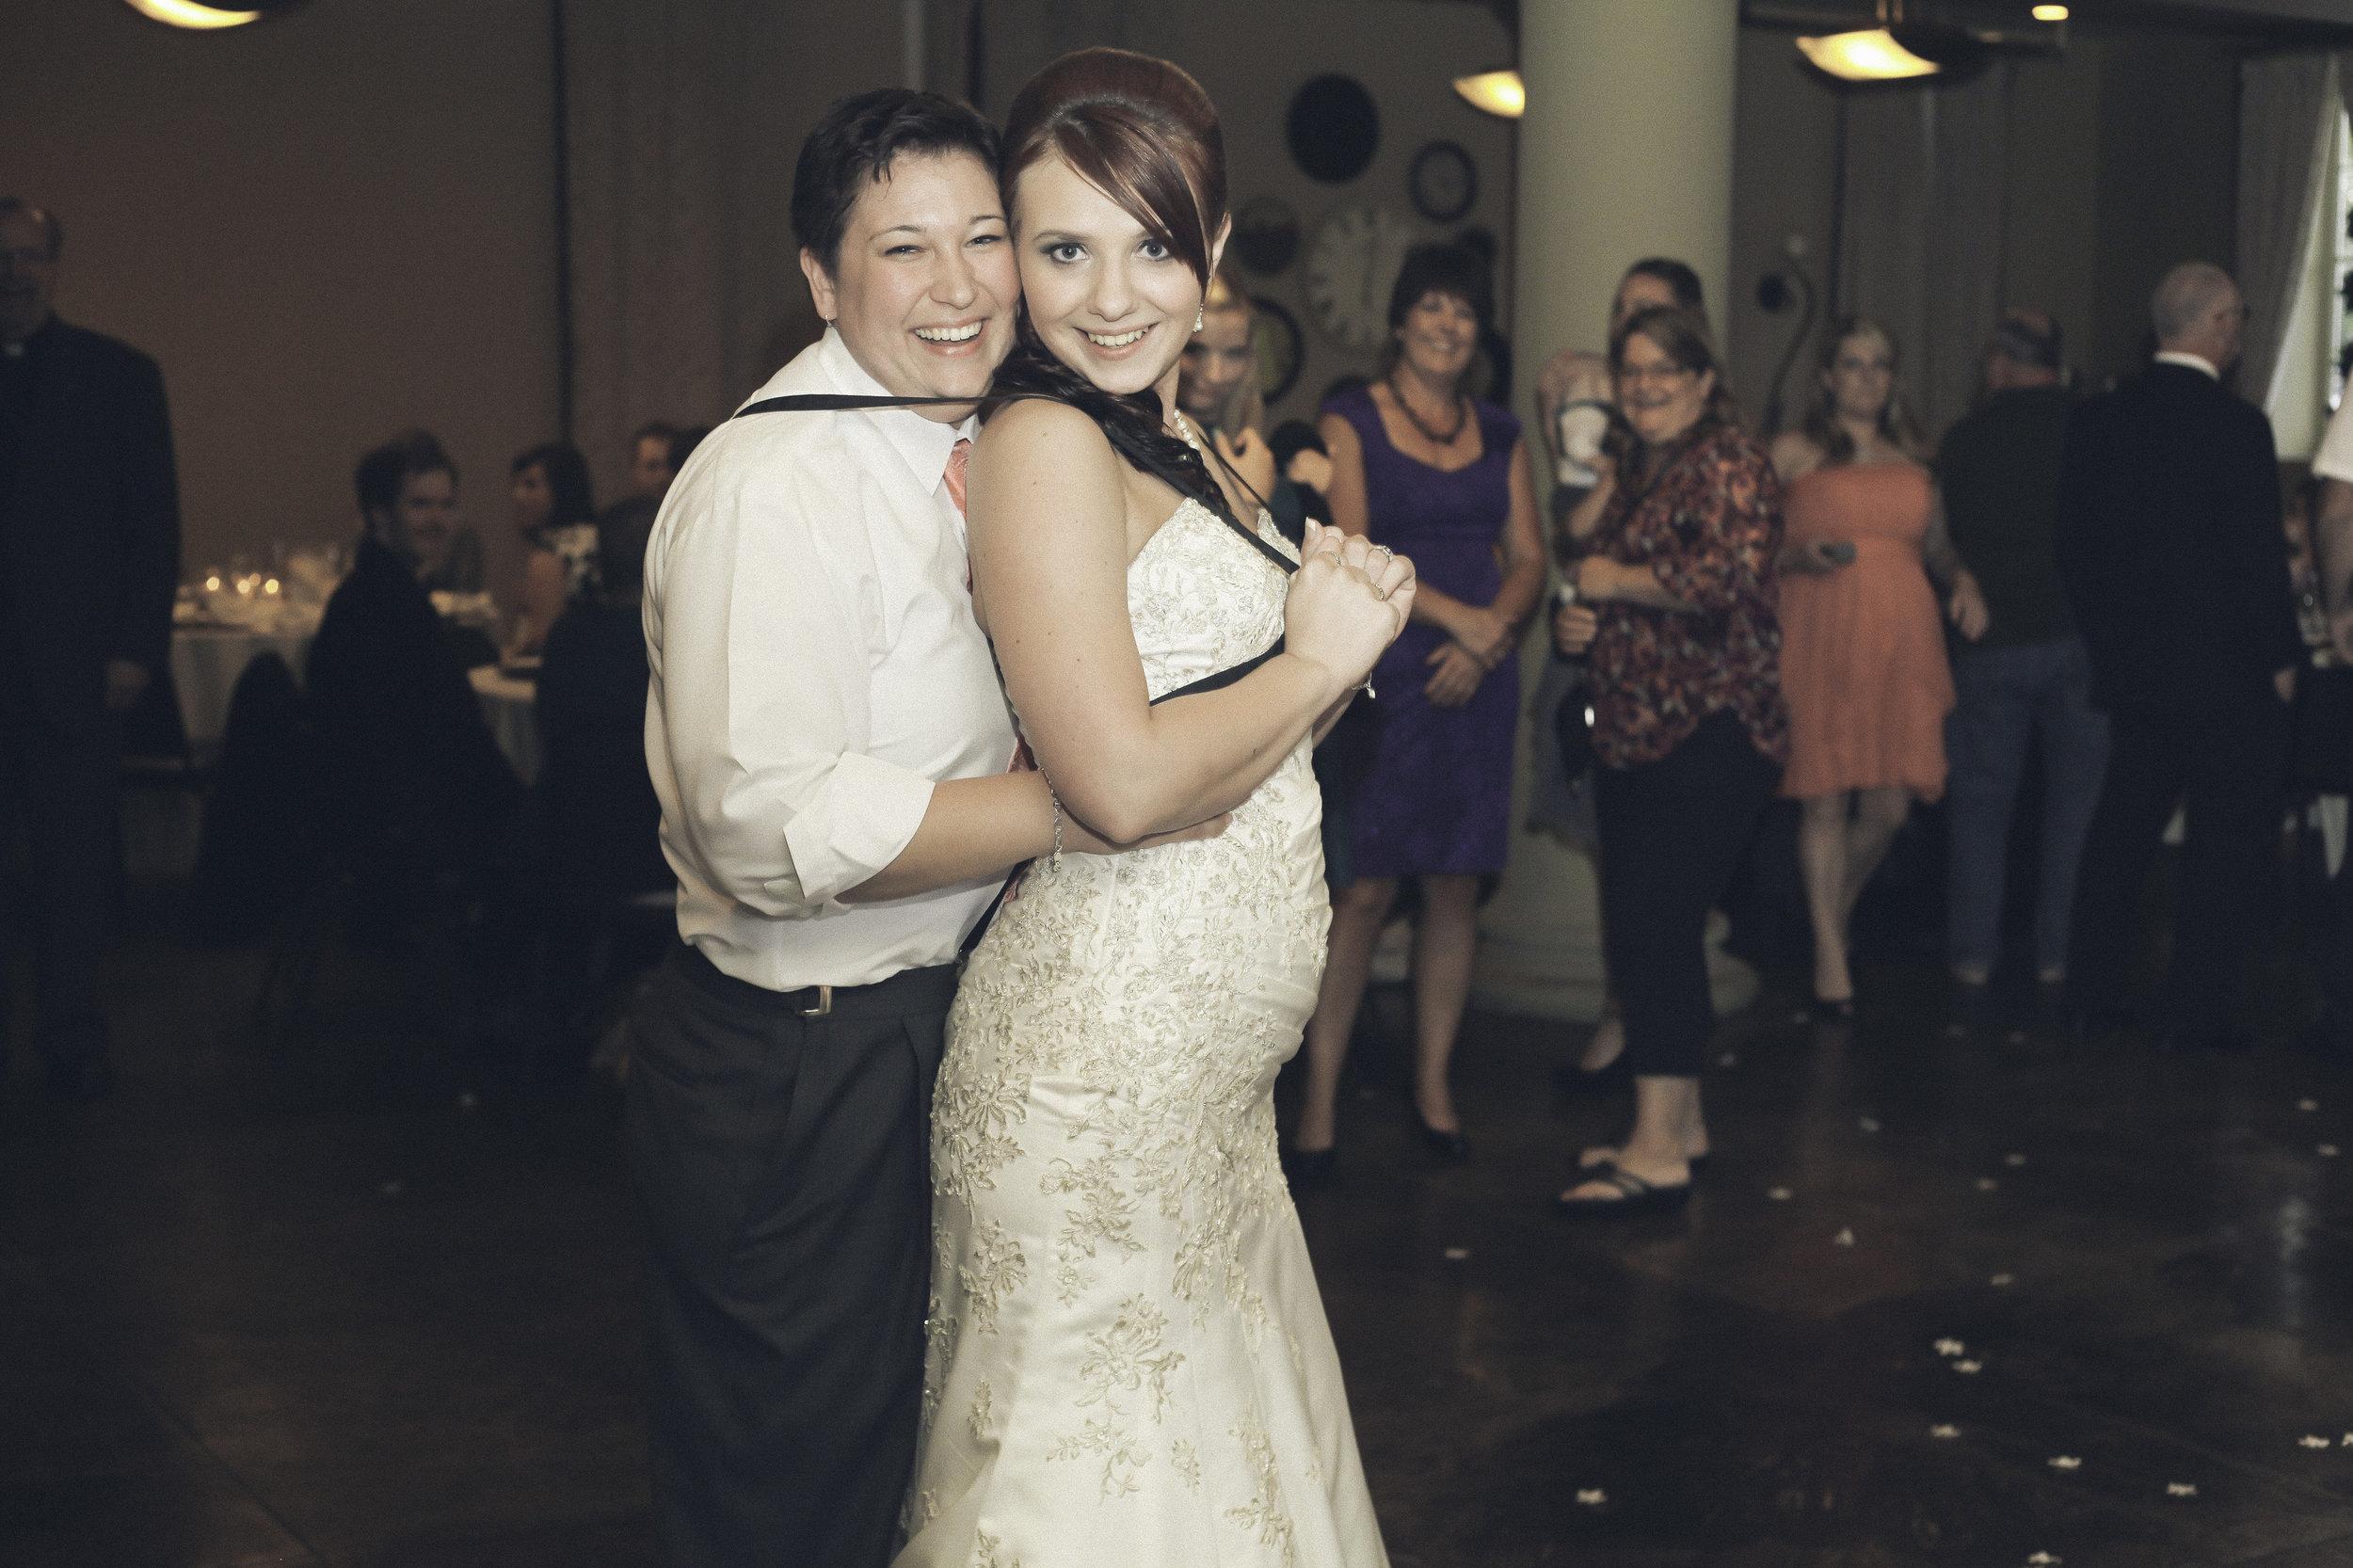 Devon Sara Married-Devon Sara-0152 (1).jpg